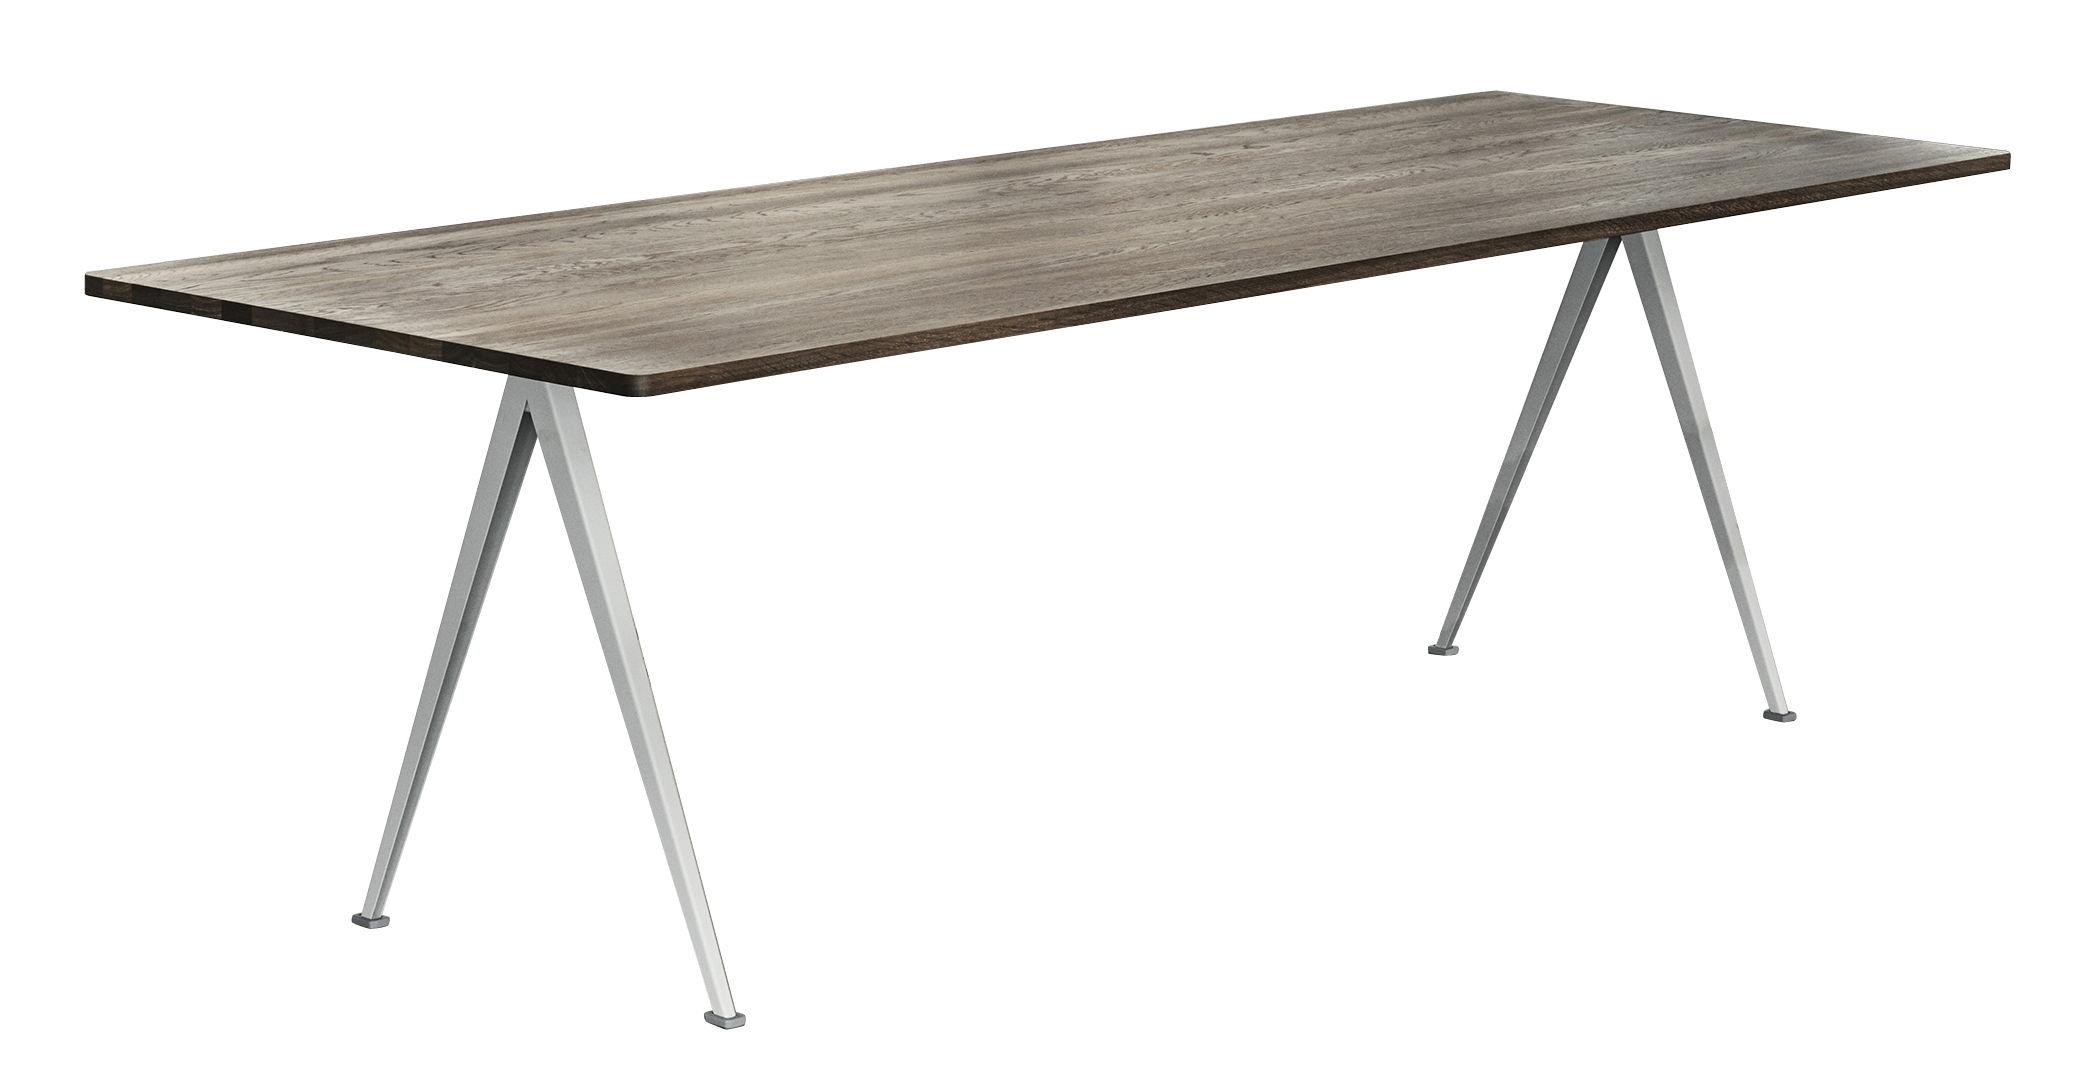 Möbel - Tische - Pyramid n°02 rechteckiger Tisch / 250 x 85 cm - Neuauflage des Originals von 1959 - Hay - 250 x 85 cm / Räuchereiche & beige - Chêne fumé, lackierter Stahl